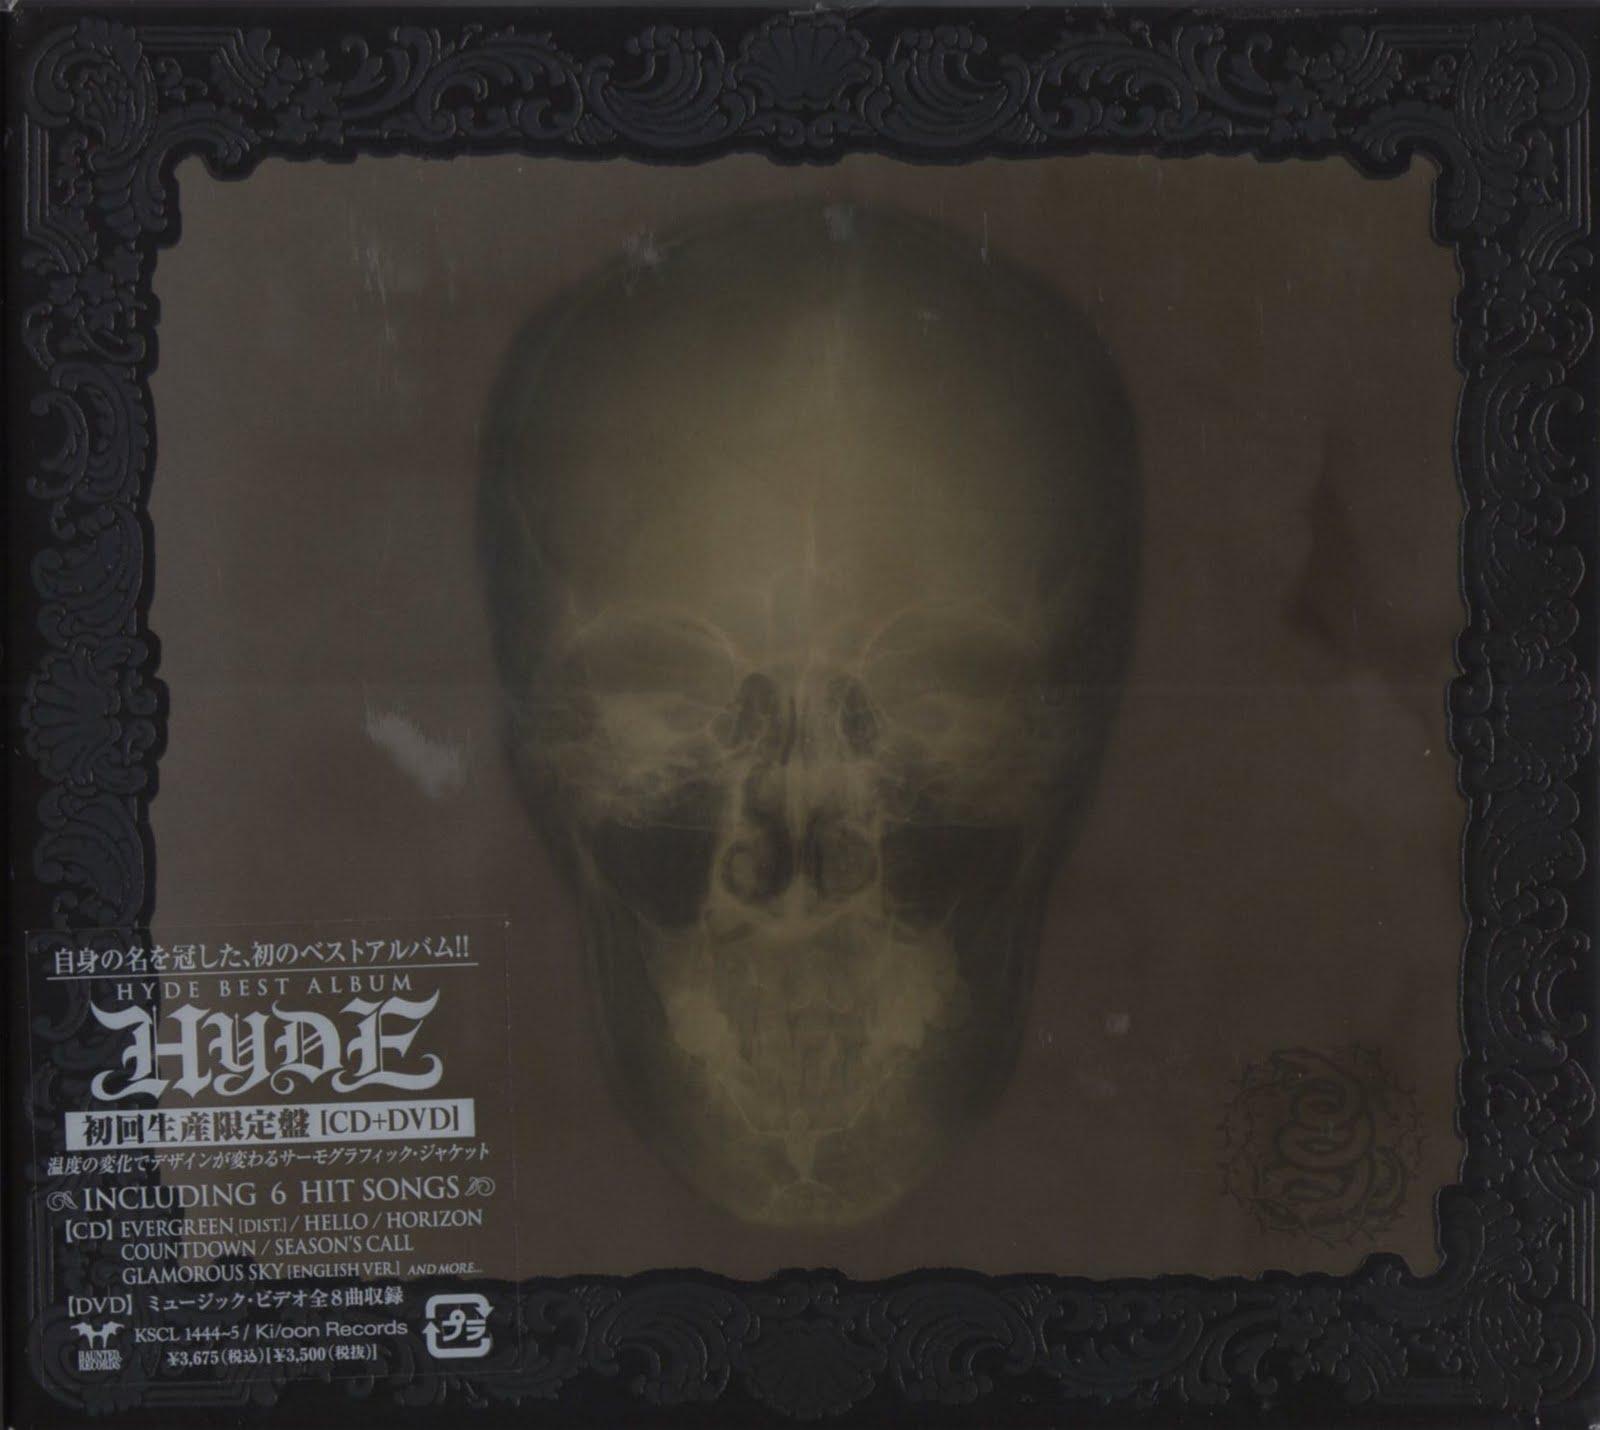 HYDE 01a cover Bakunyu « Ecchi Neko Hentai